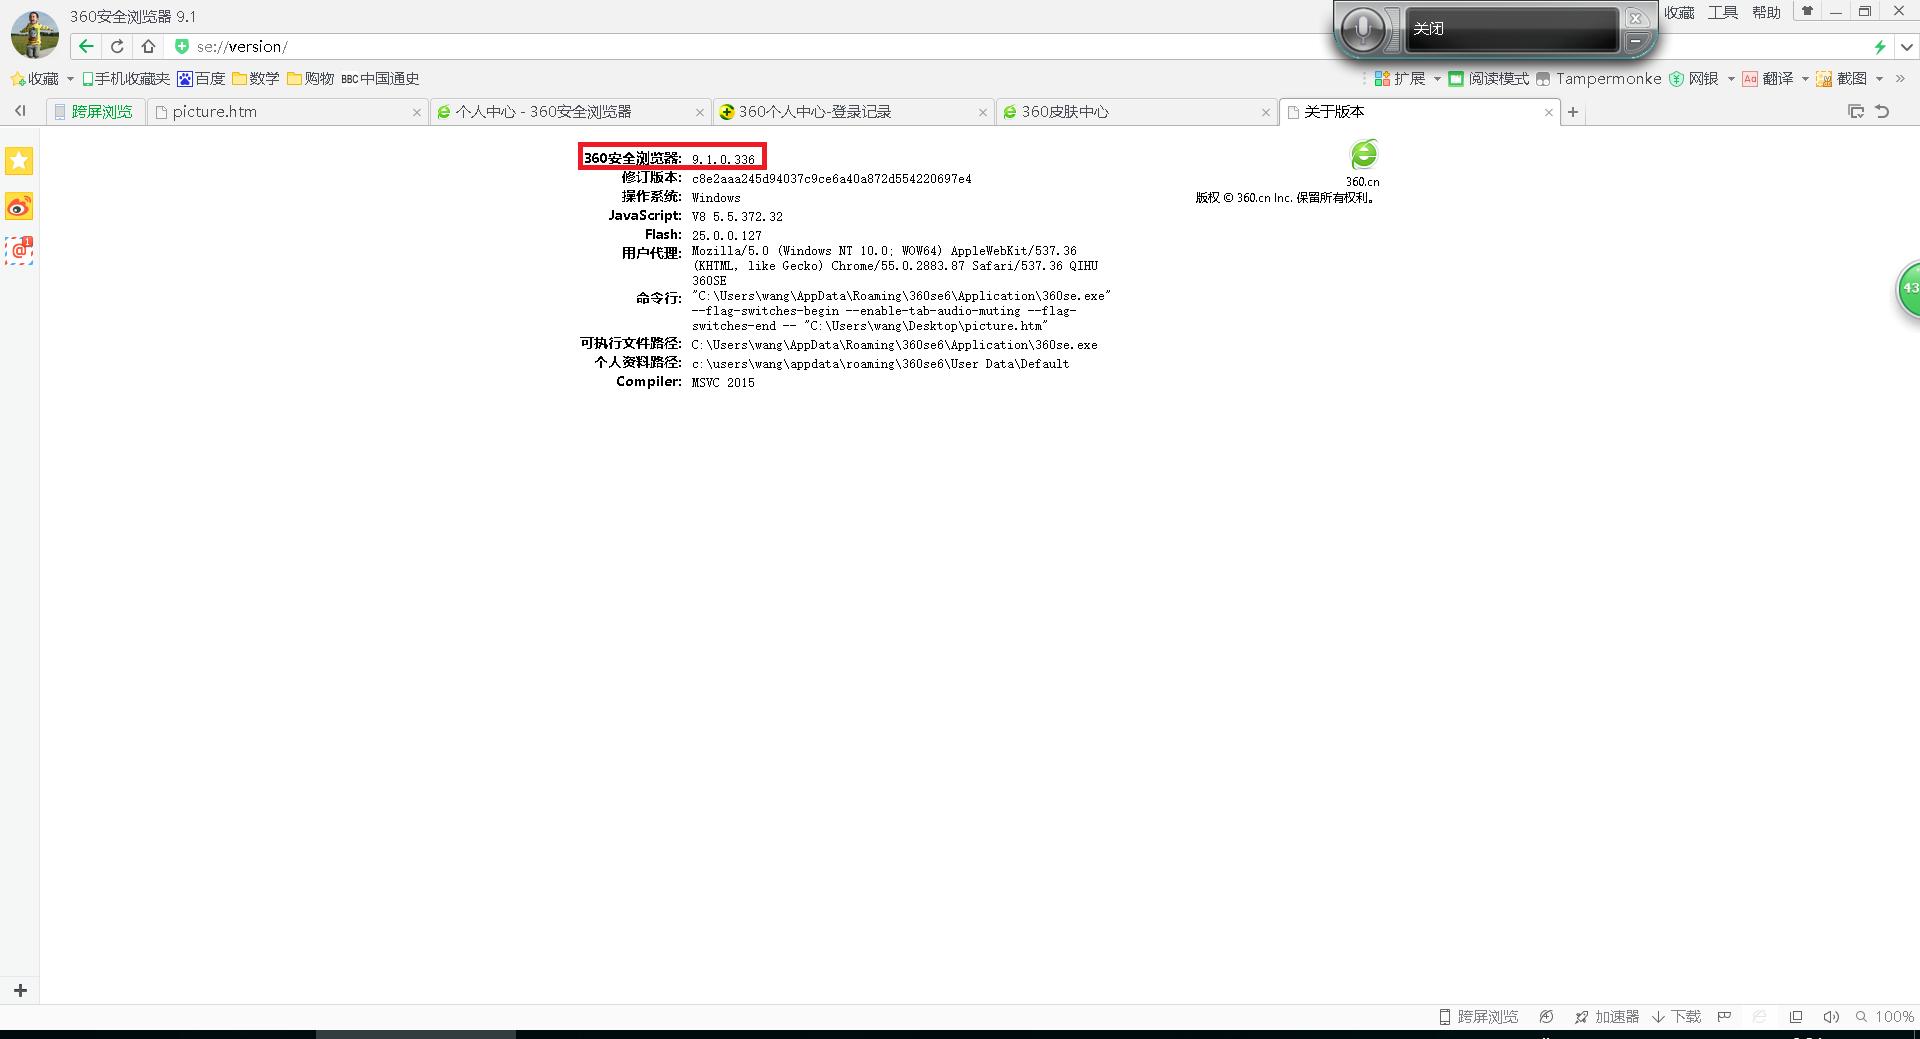 360浏览器的关于页面